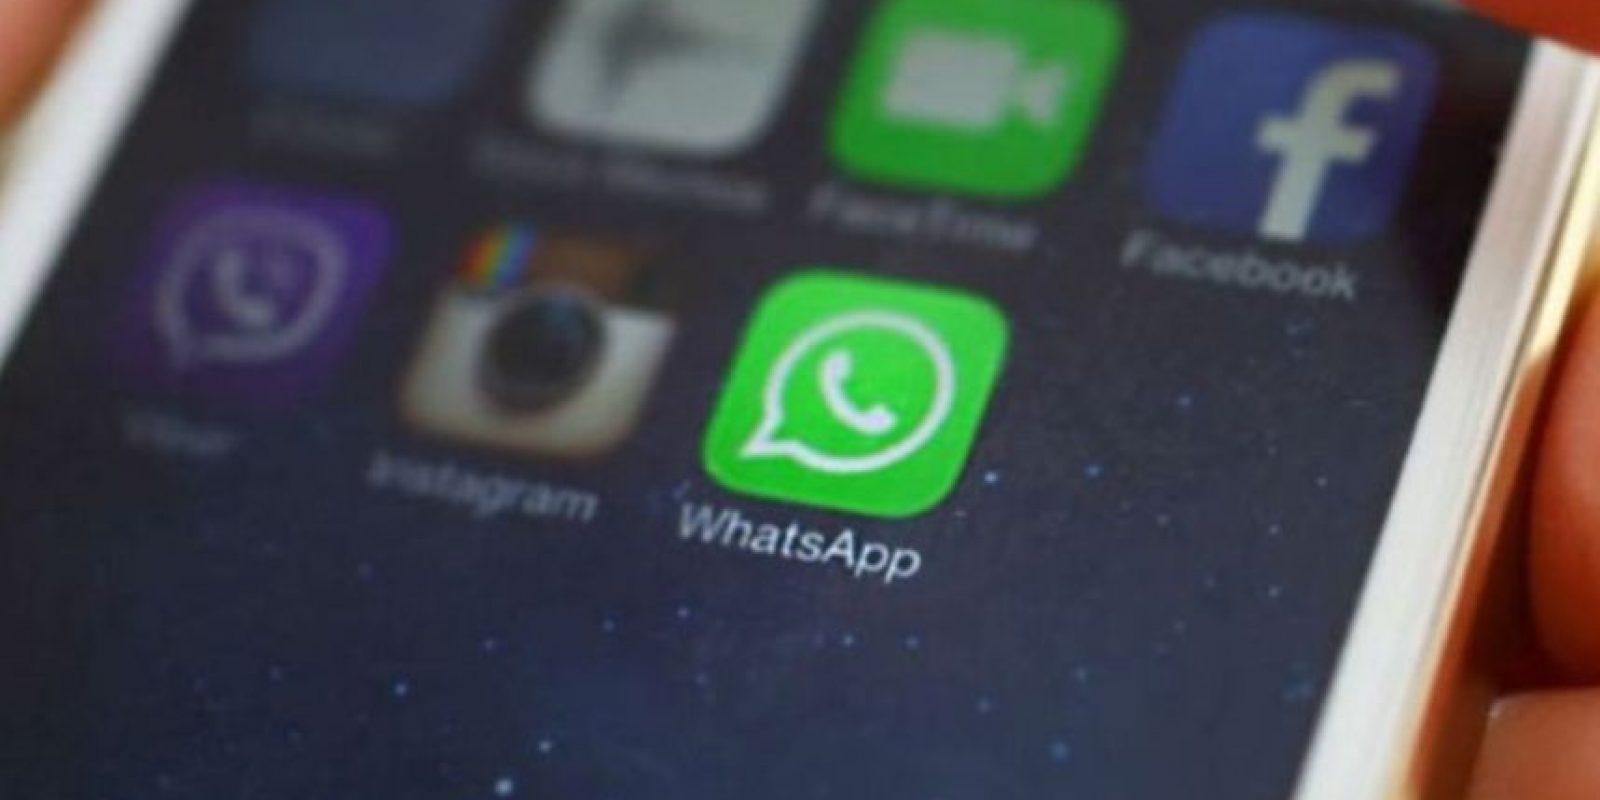 Un usuario comprobó que bastan cinco minutos para hackear una cuenta y utilizar la misma en otro smartphone sin que el dueño se entere. Foto:Tumblr